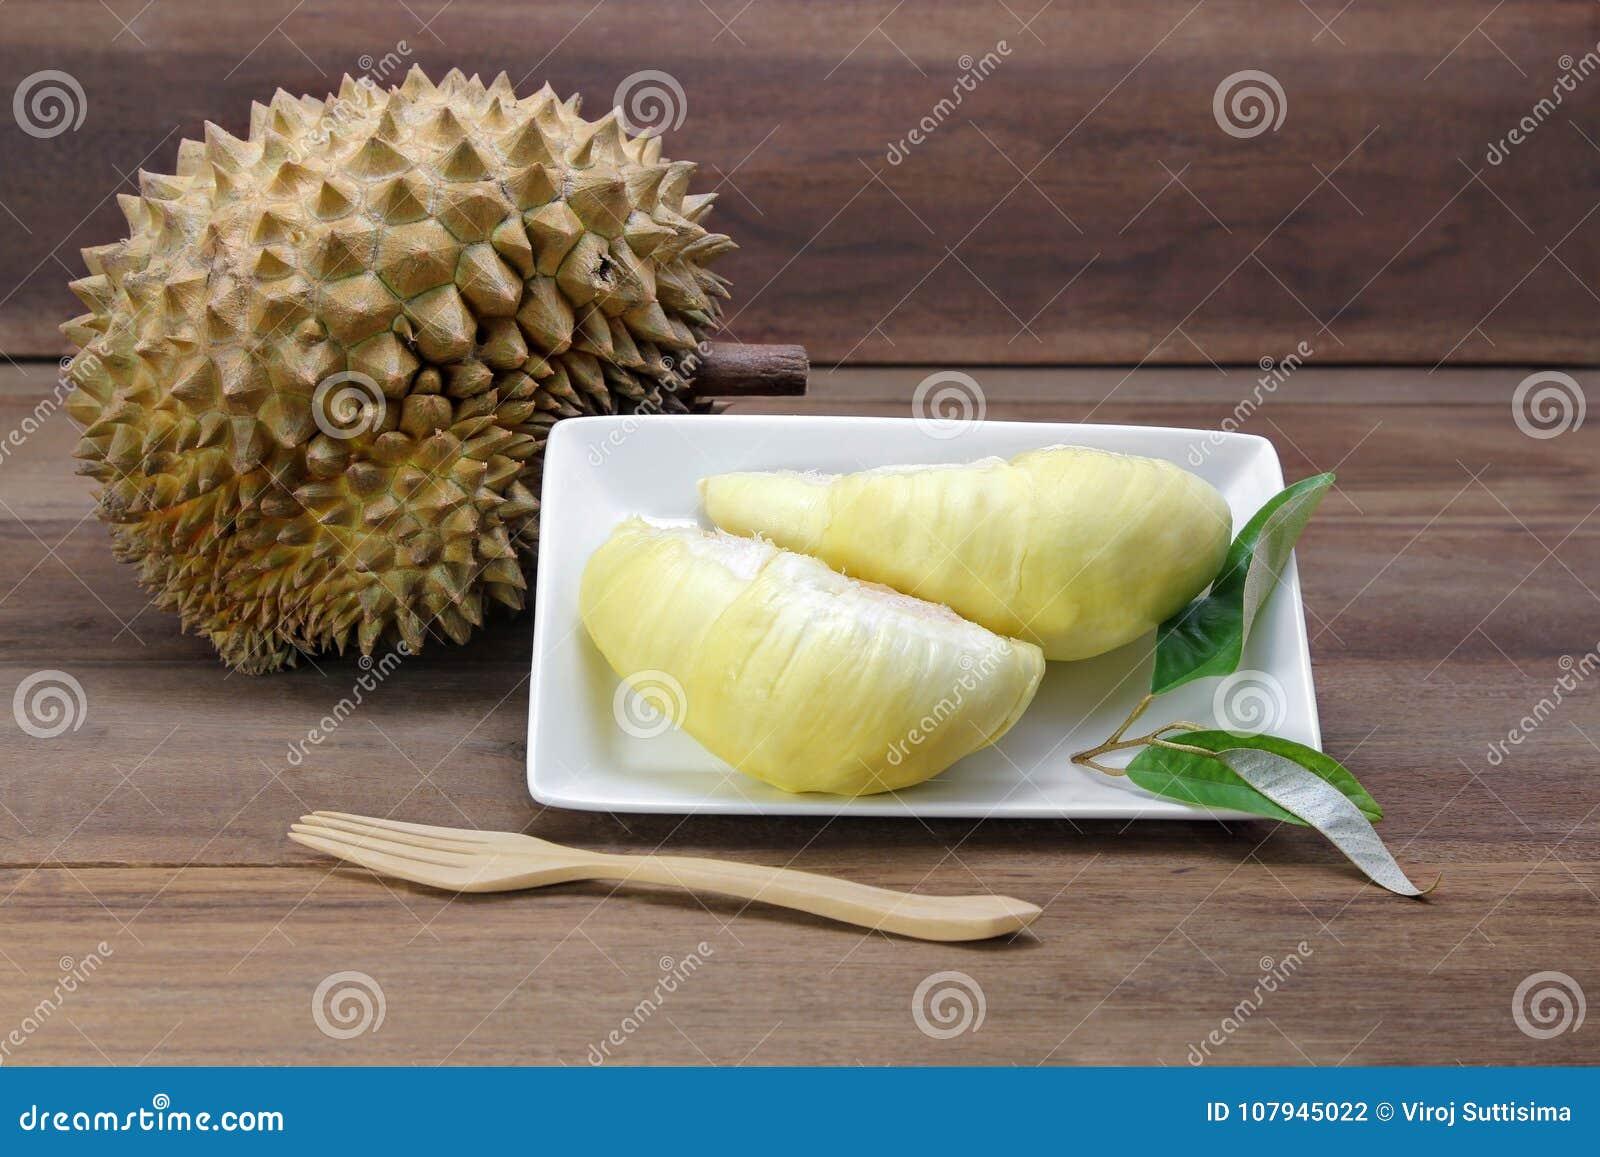 Durian owoc i żółty ciała durian na białym naczyniu z durian leaf, drewniany tło